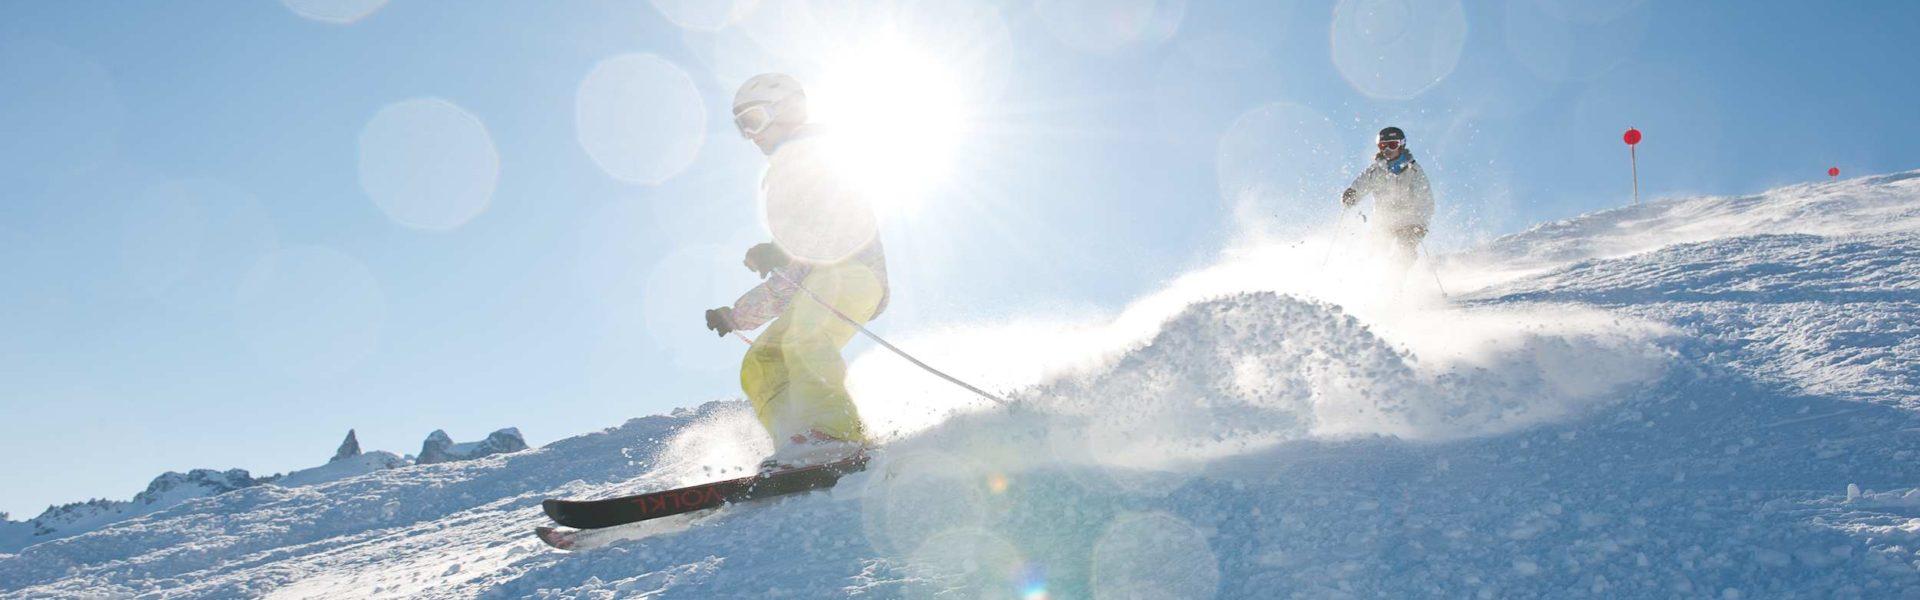 Sonnenskilauf, Montafon, Skifahren in Vorarlberg, Holidays, Saisonfinale (c) Alex Kaiser / Montafon Tourismus GmbH